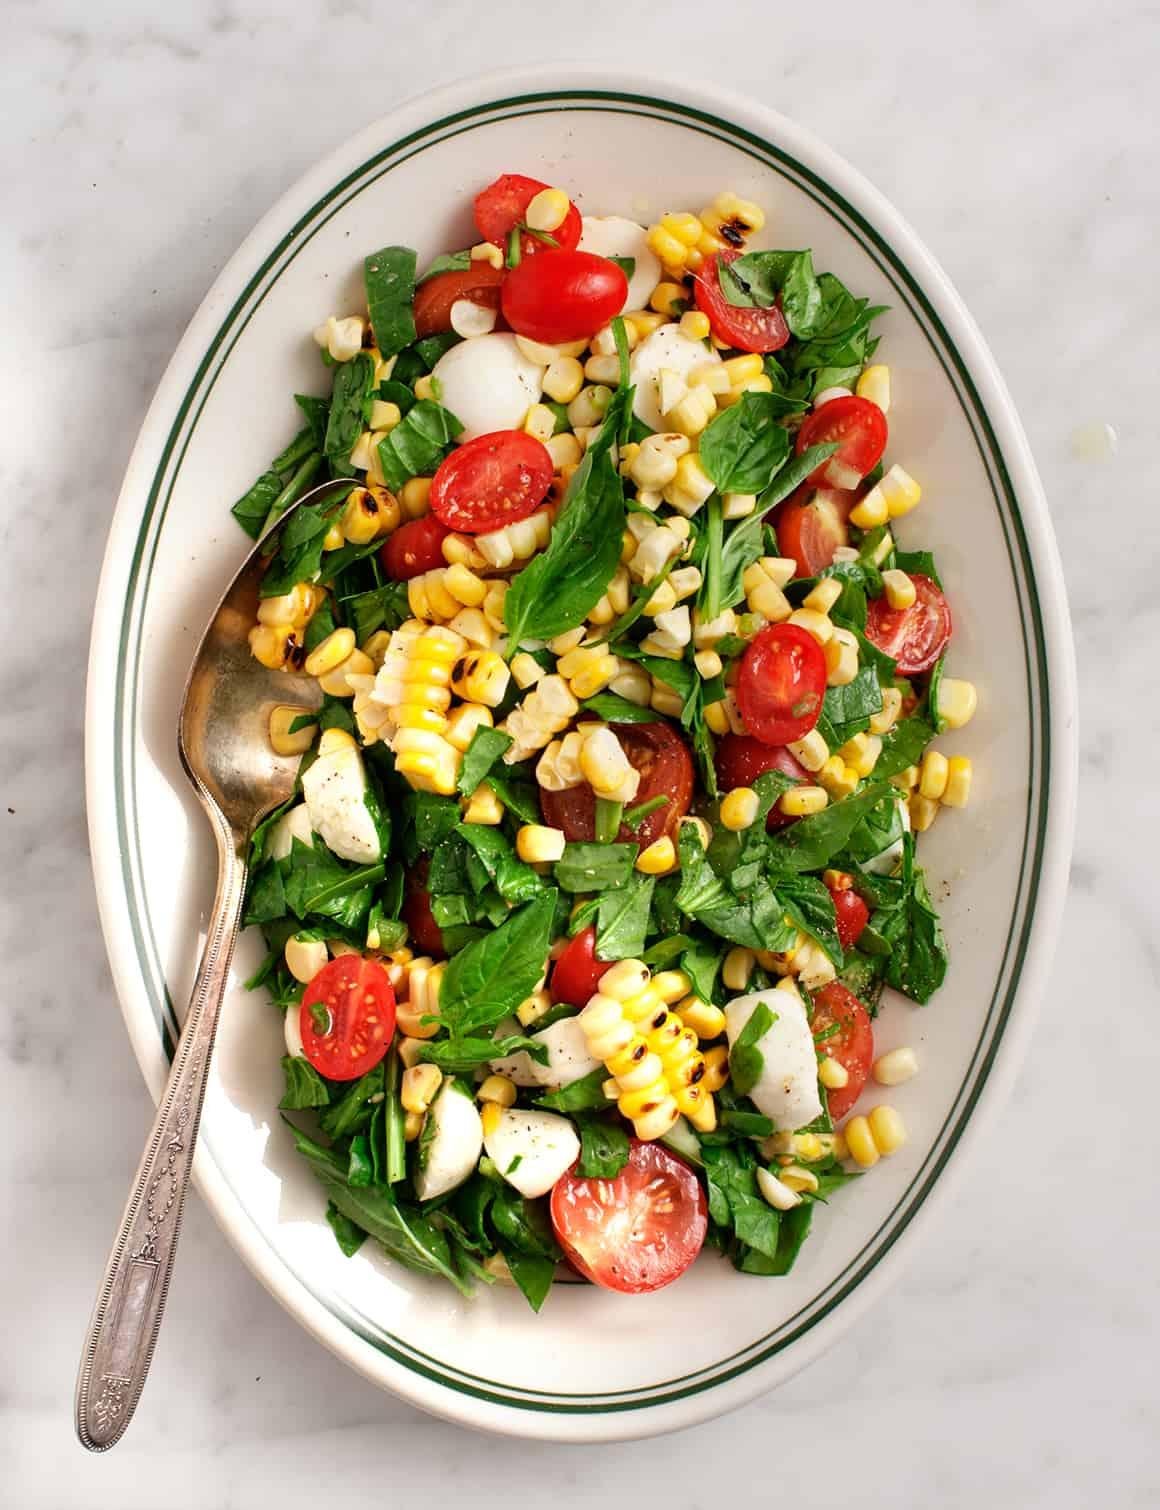 Best grill recipes - Summer Corn Salad